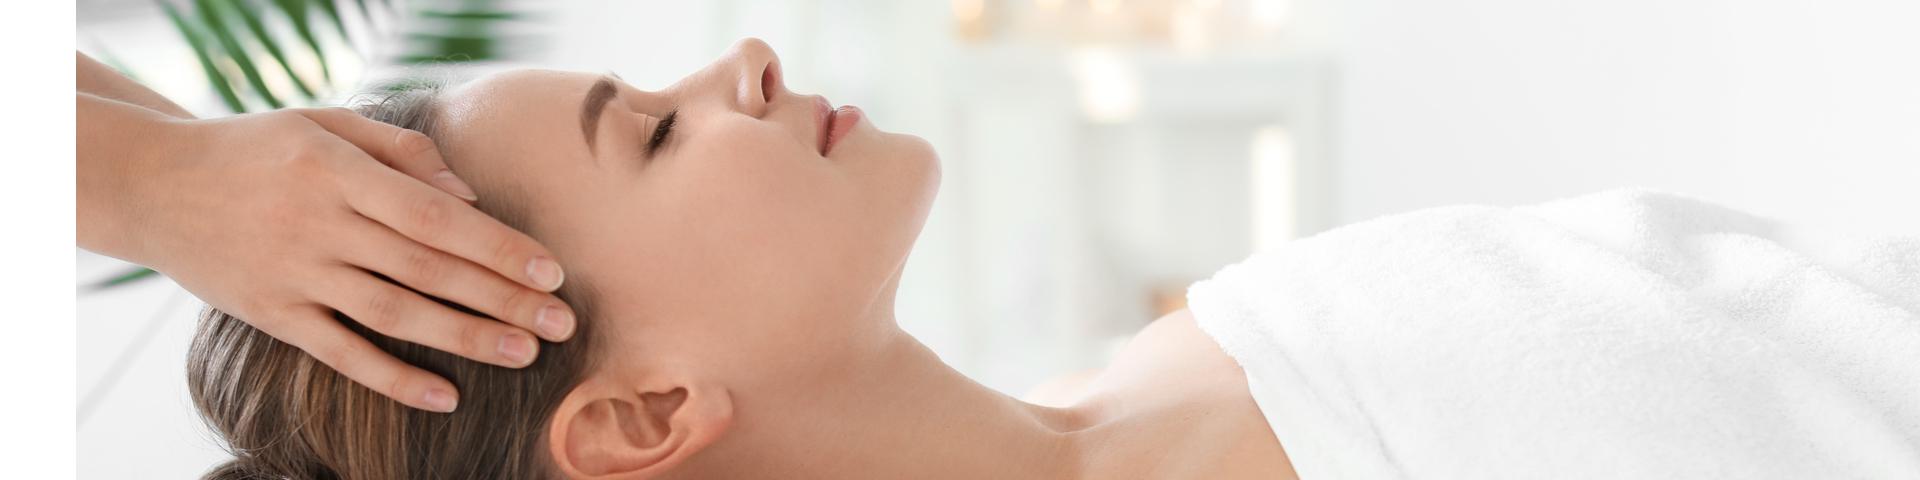 Junge Frau lässt sich bei einer Kosmetikbehandlung verwöhnen